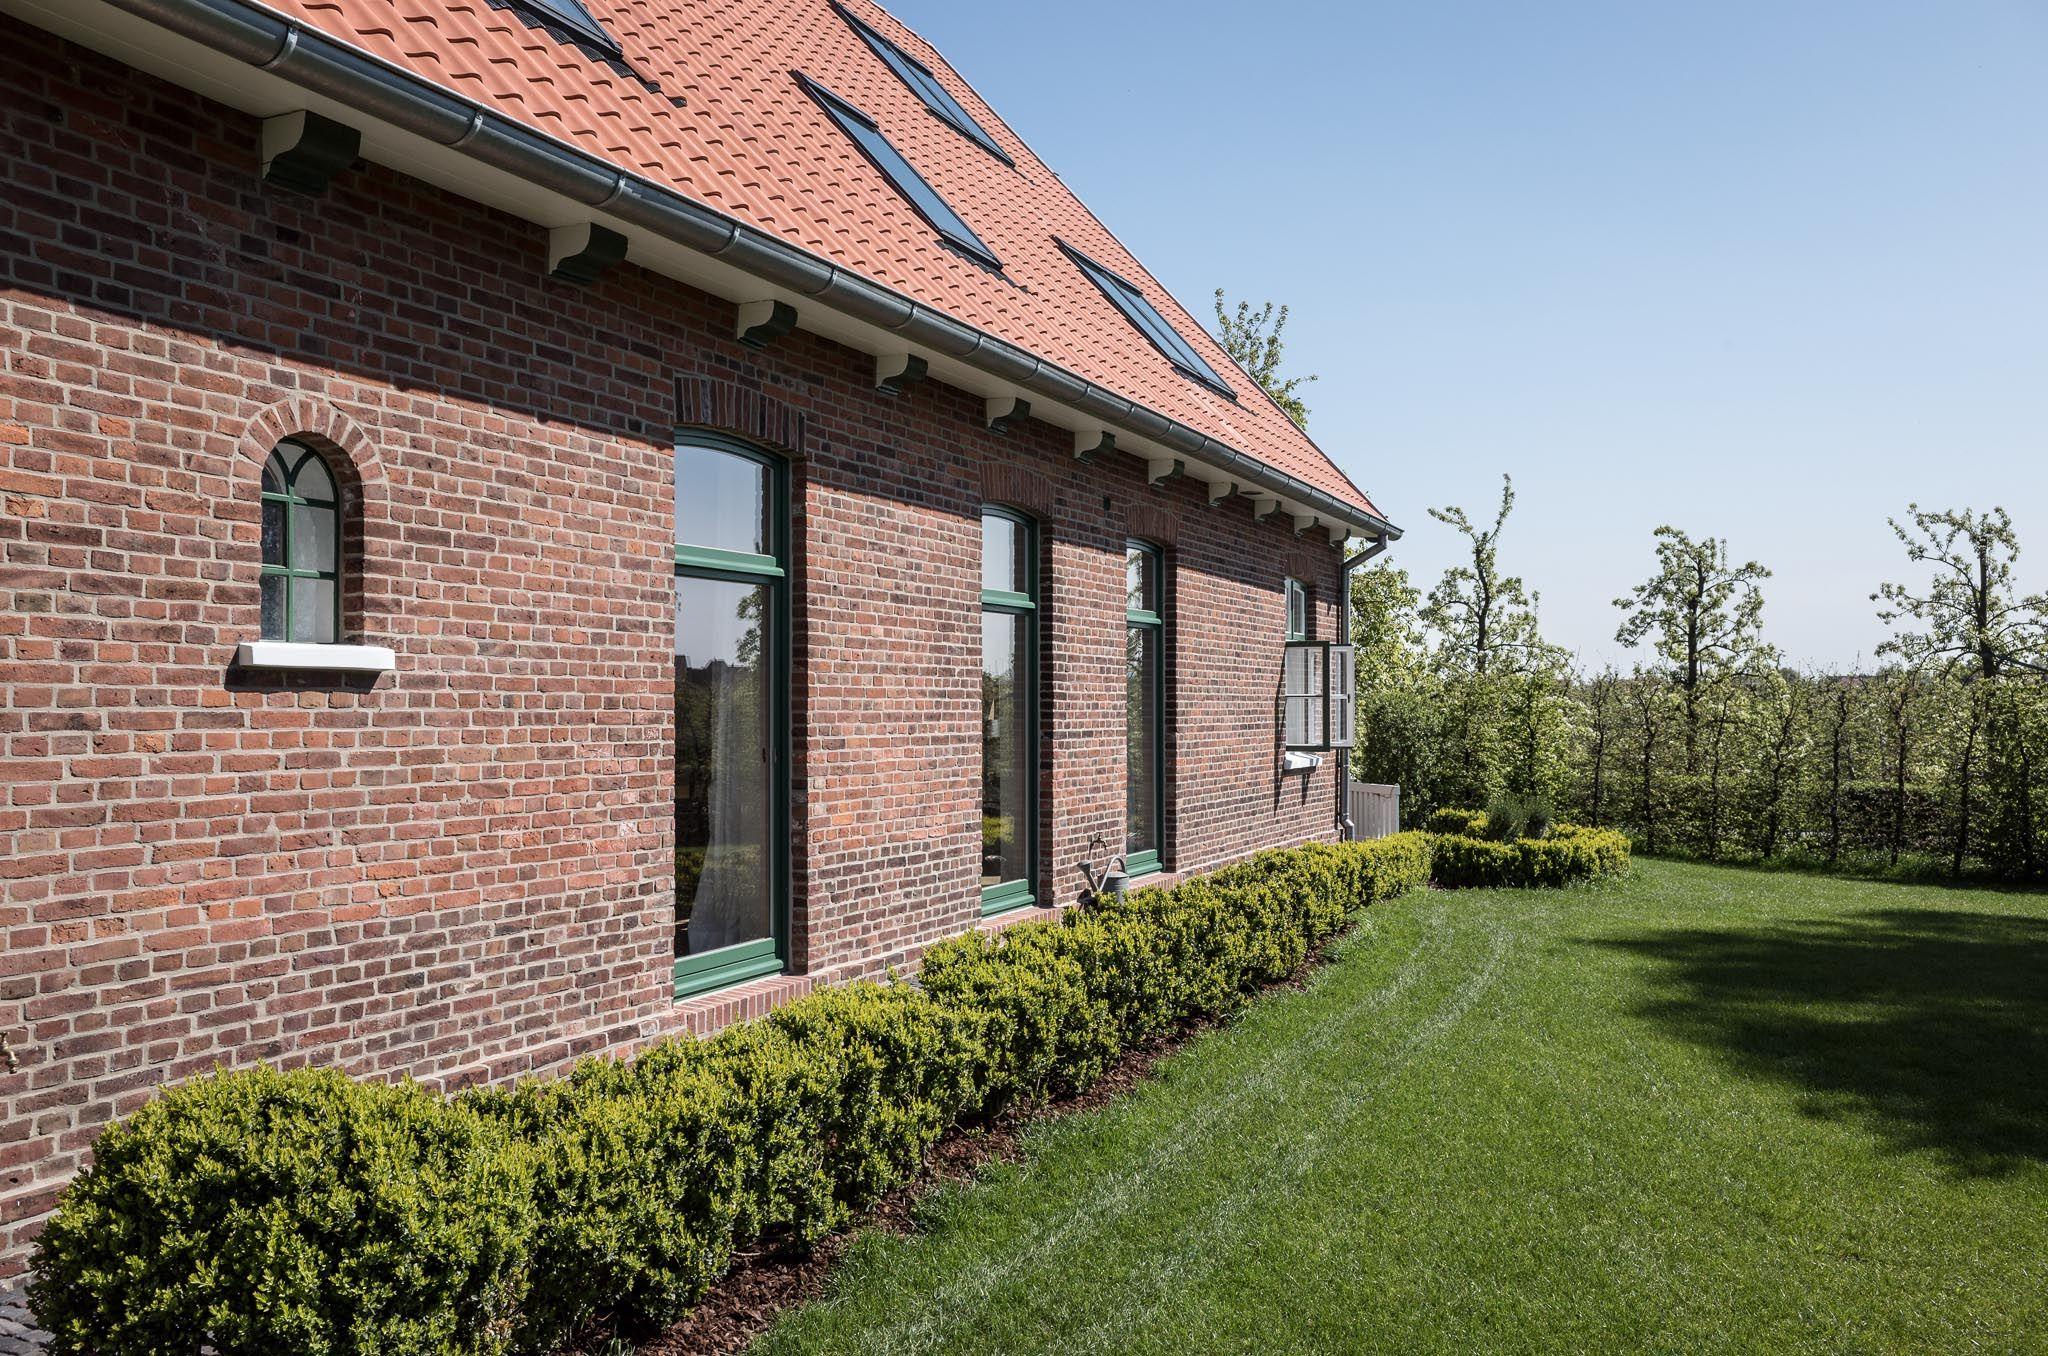 Alium, kraeuter, kraeutergarten, Salbei, nussbaum, walnussbaum, walnuss, bauernhaus, landhaus. www.welle8.com #Alium #Landhaus